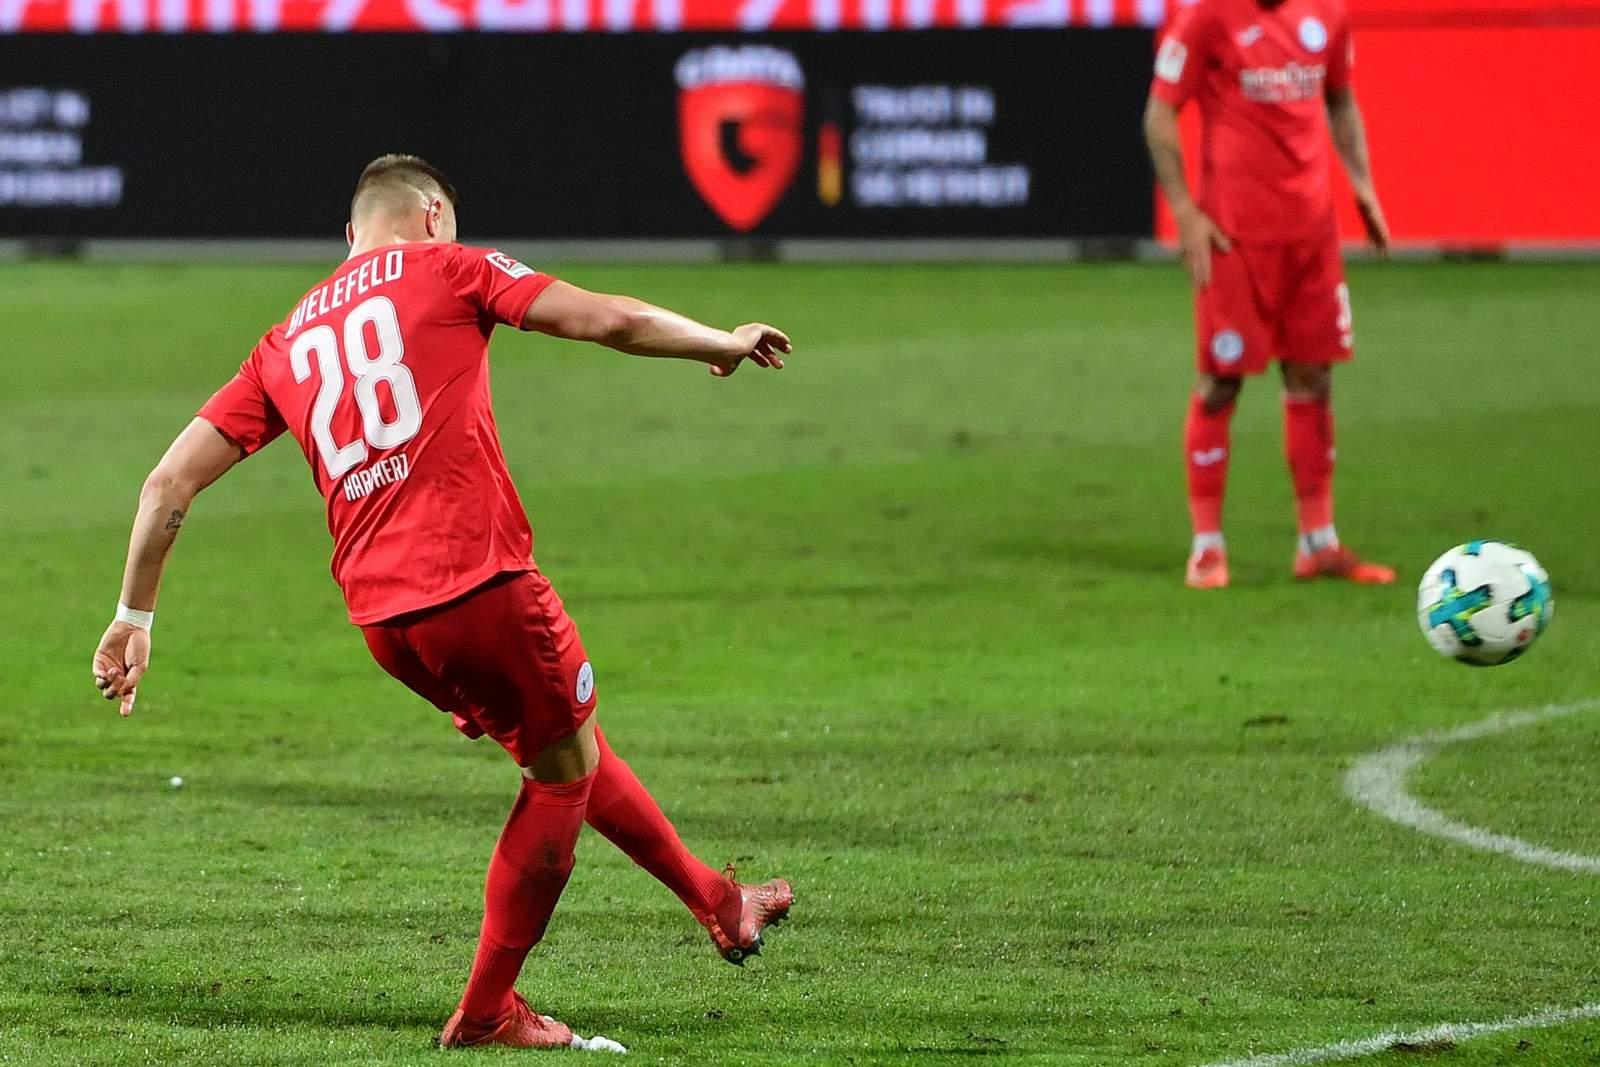 Florian Hartherz mit Freistoßtor gegen VfL Bochum